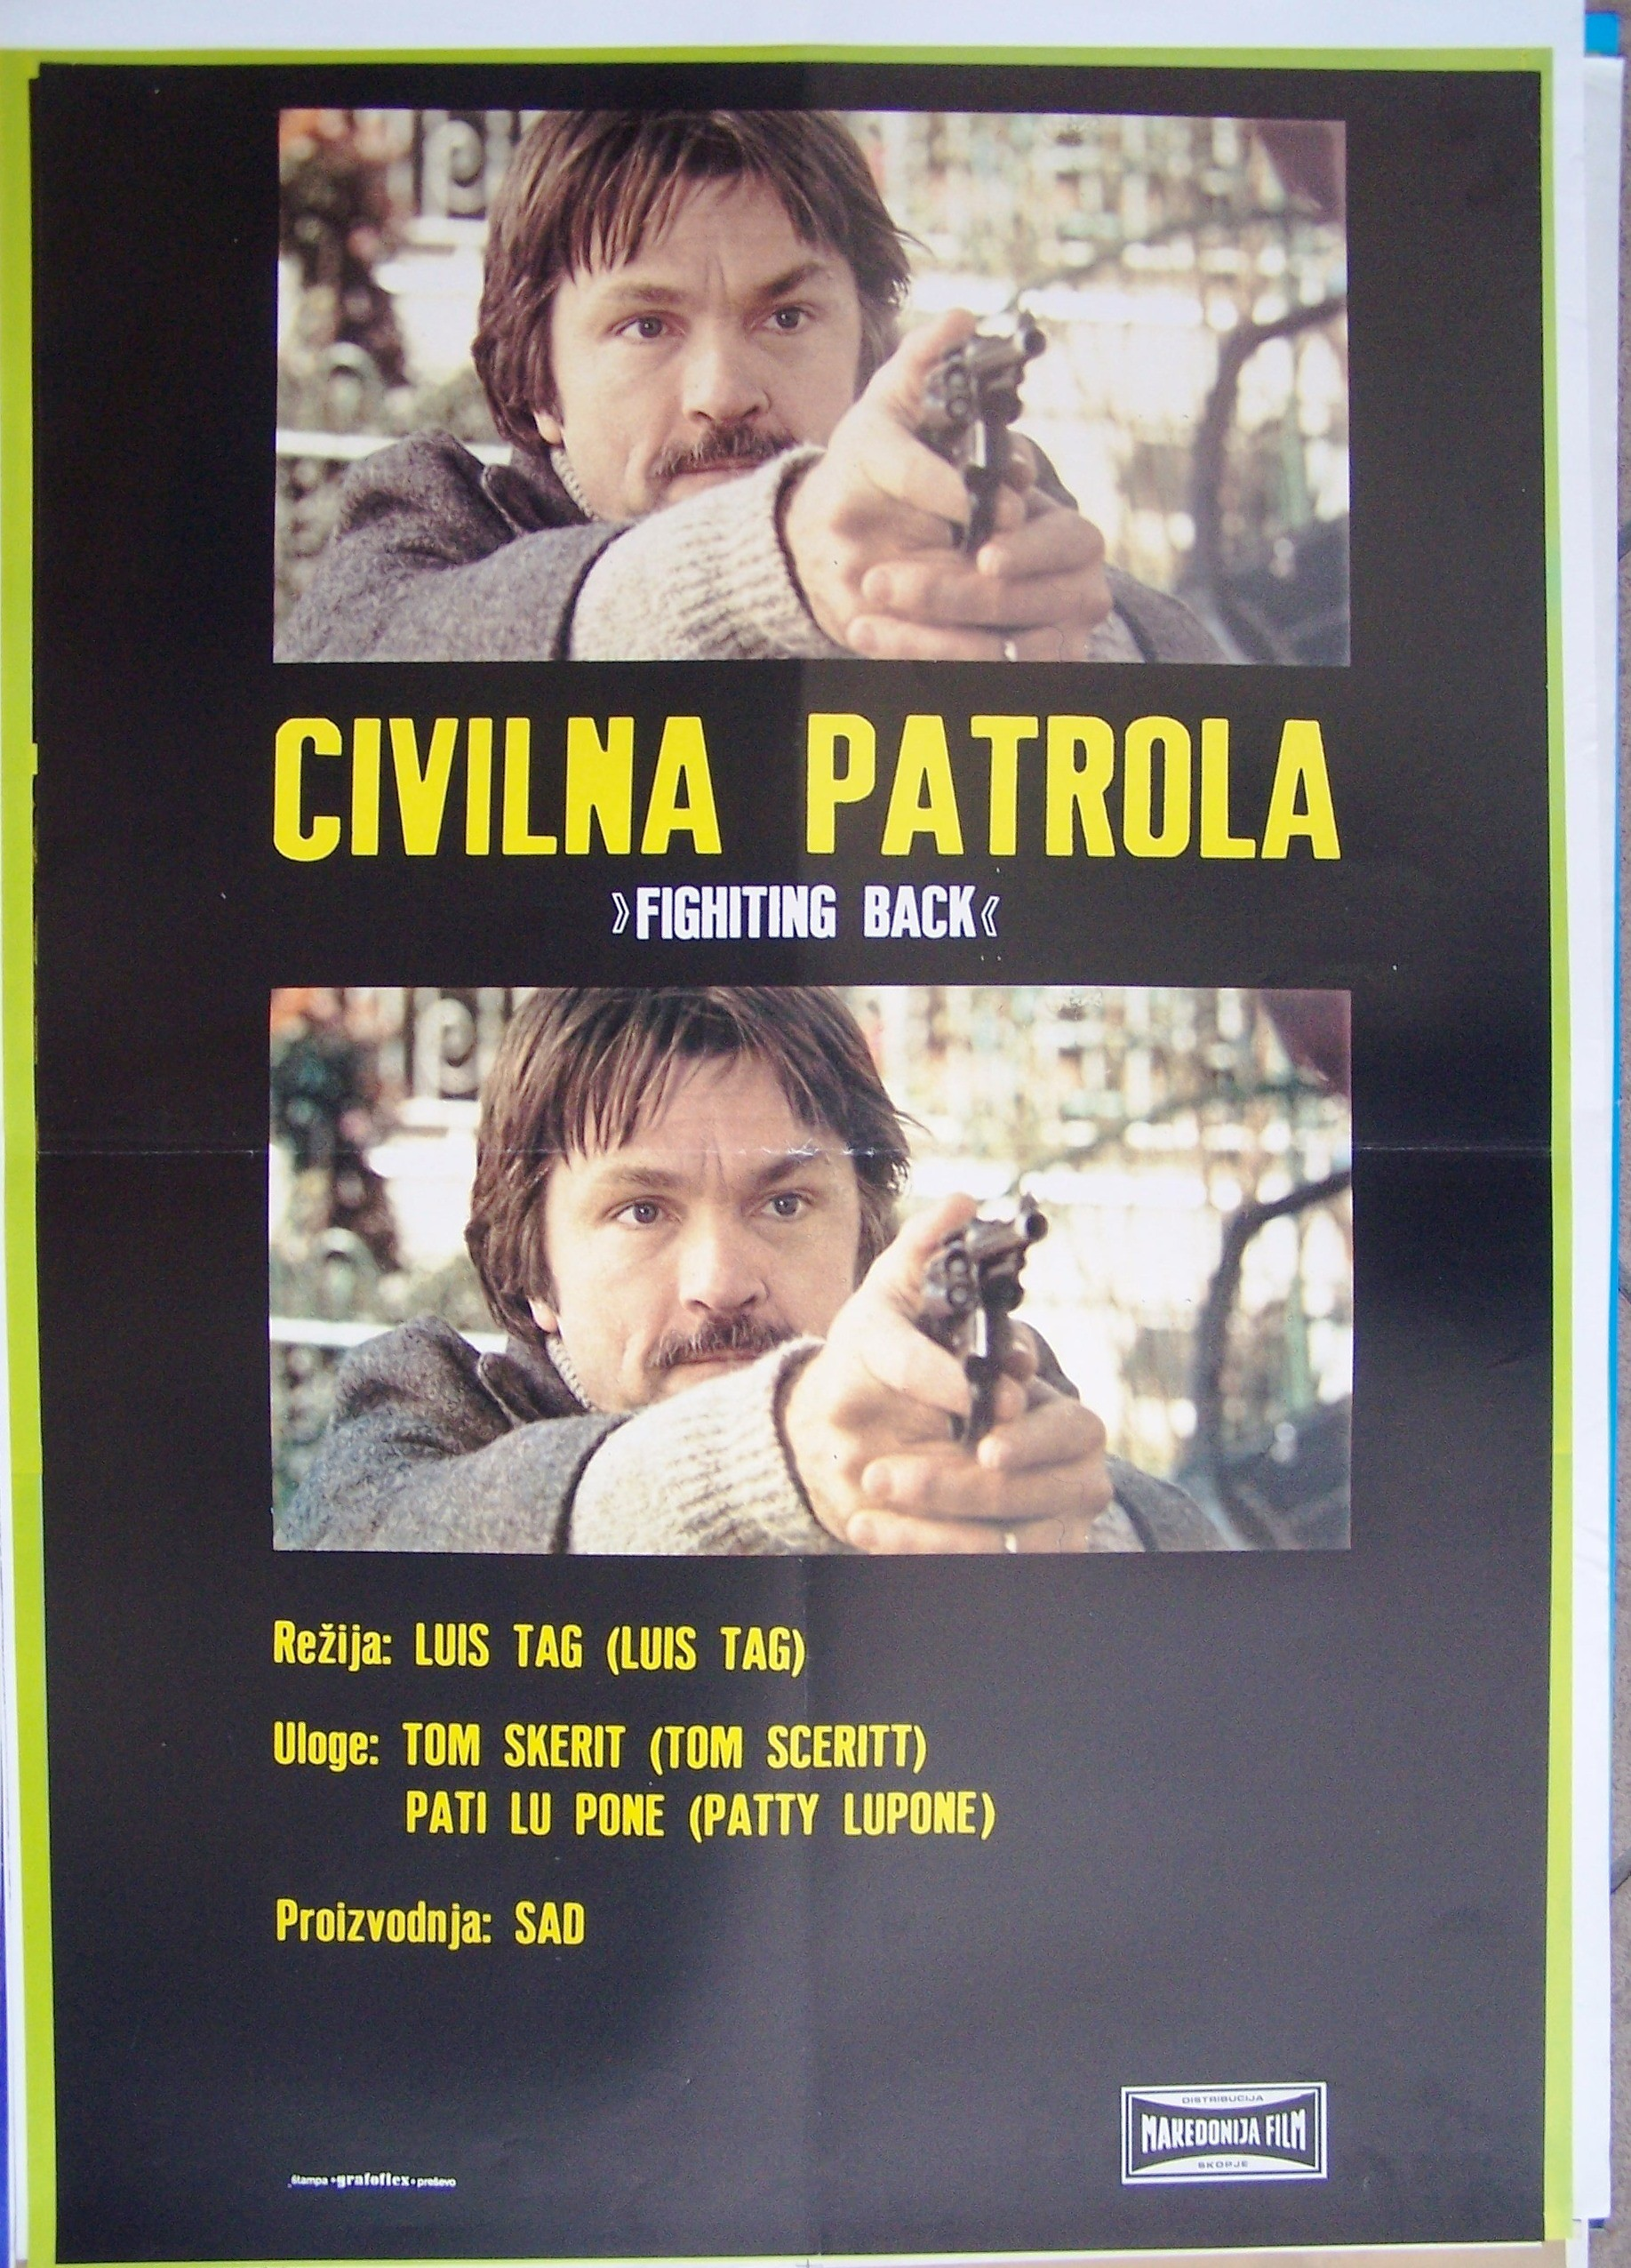 Civilna Patrola